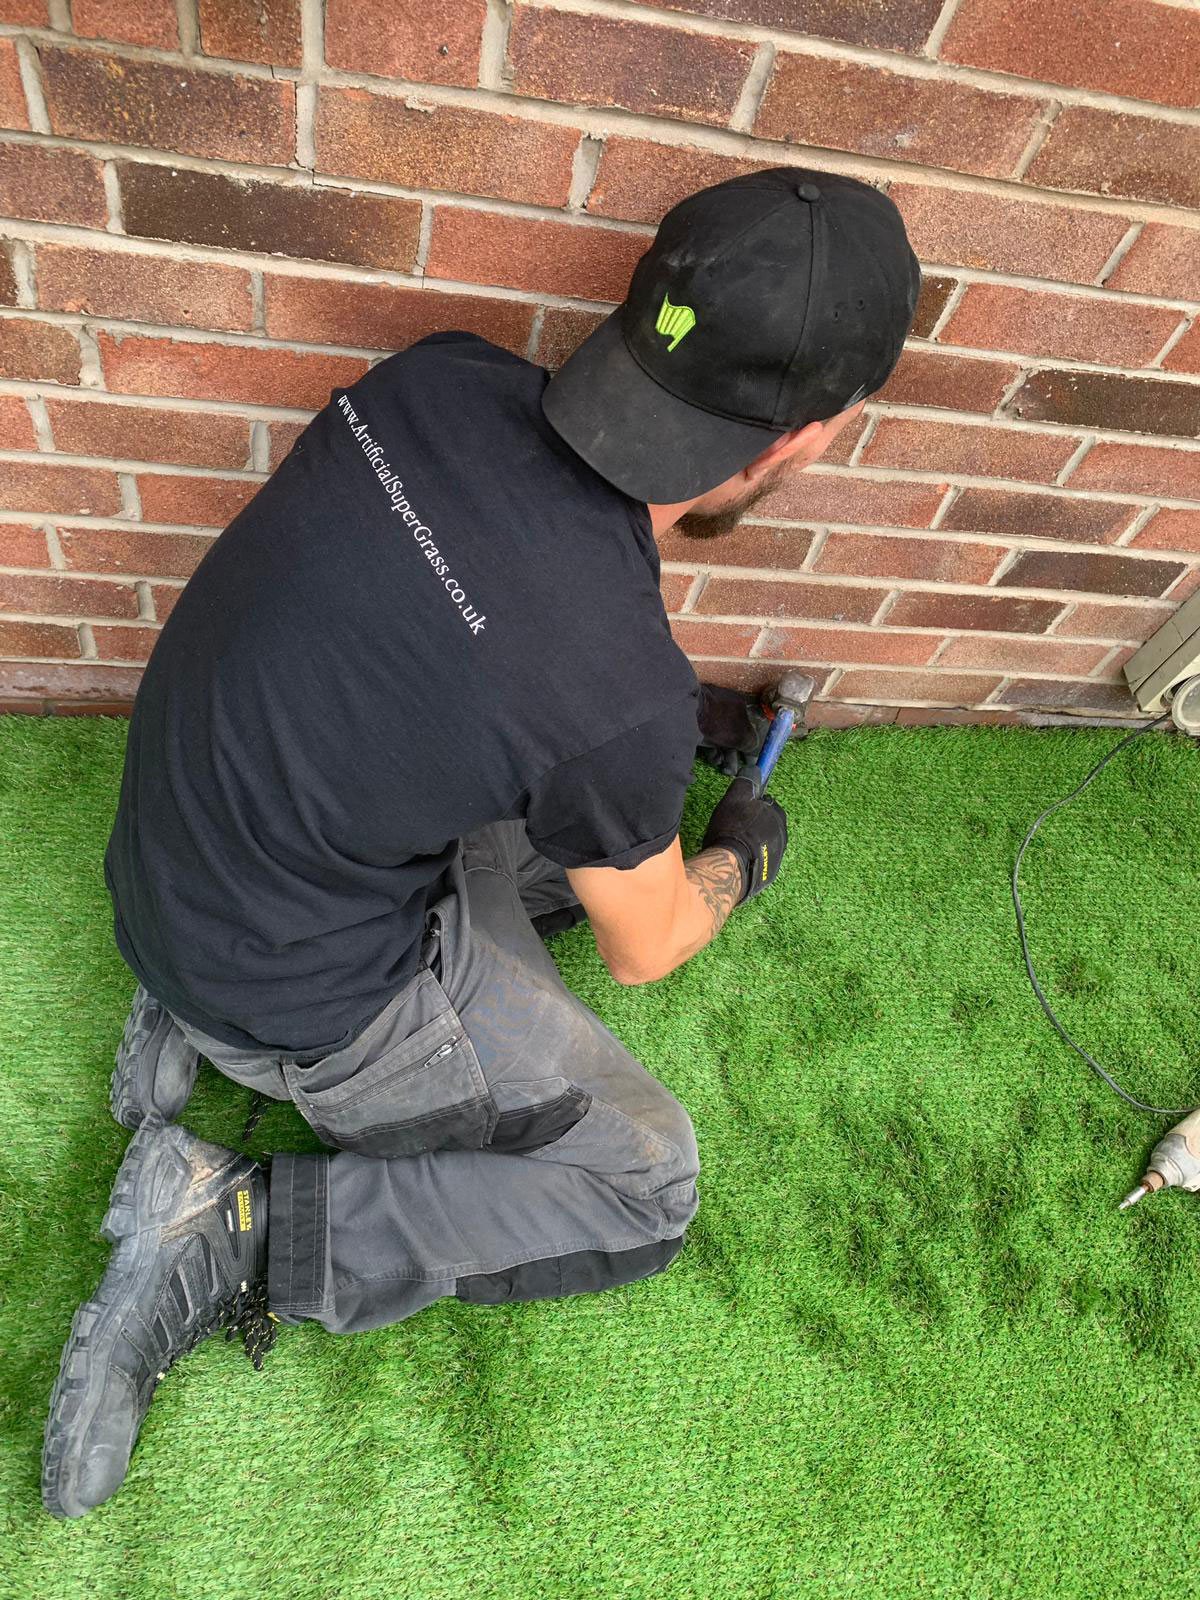 Cheap Artificial Grass Cheshire Artificial Super Grass